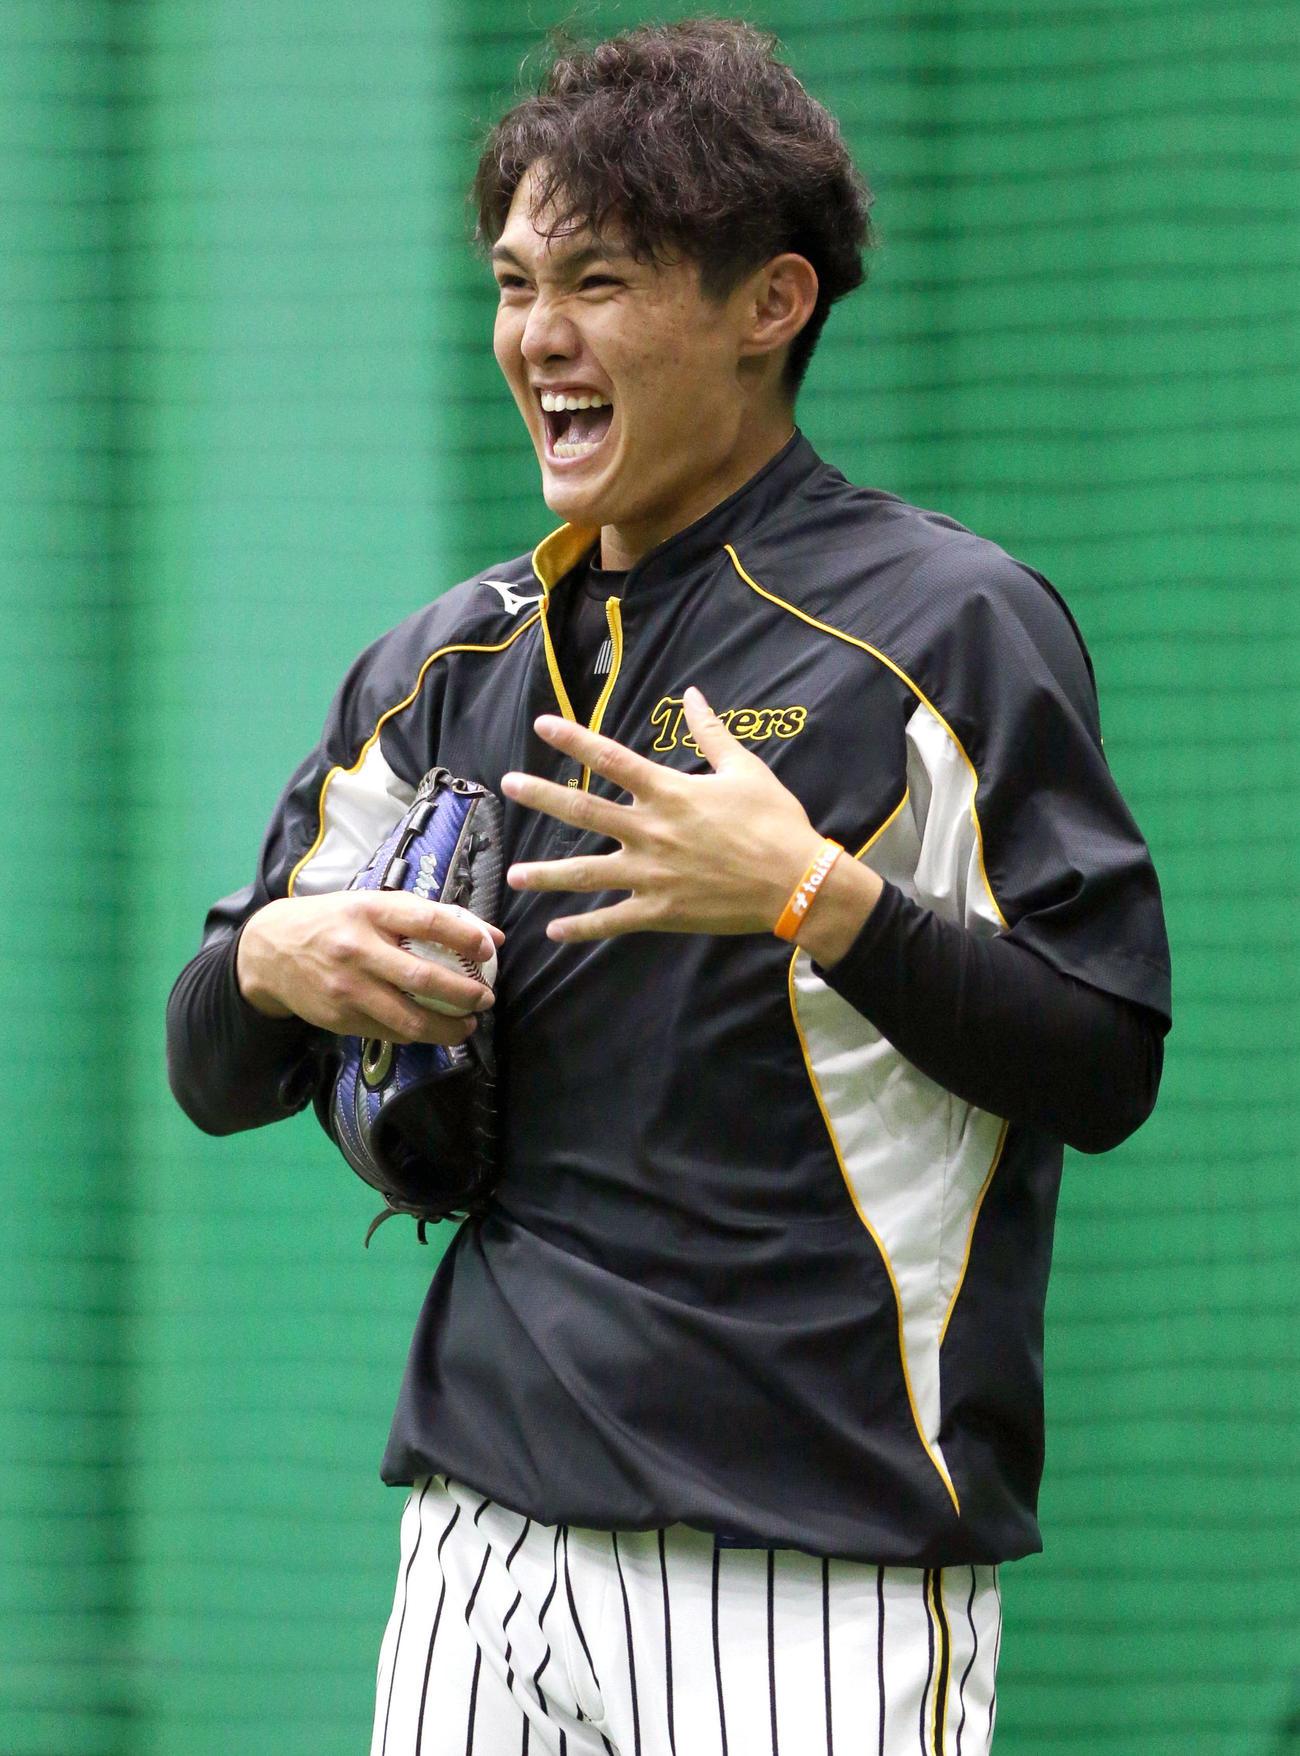 キャッチボールで明るい表情を見せる西純(撮影・上山淳一)